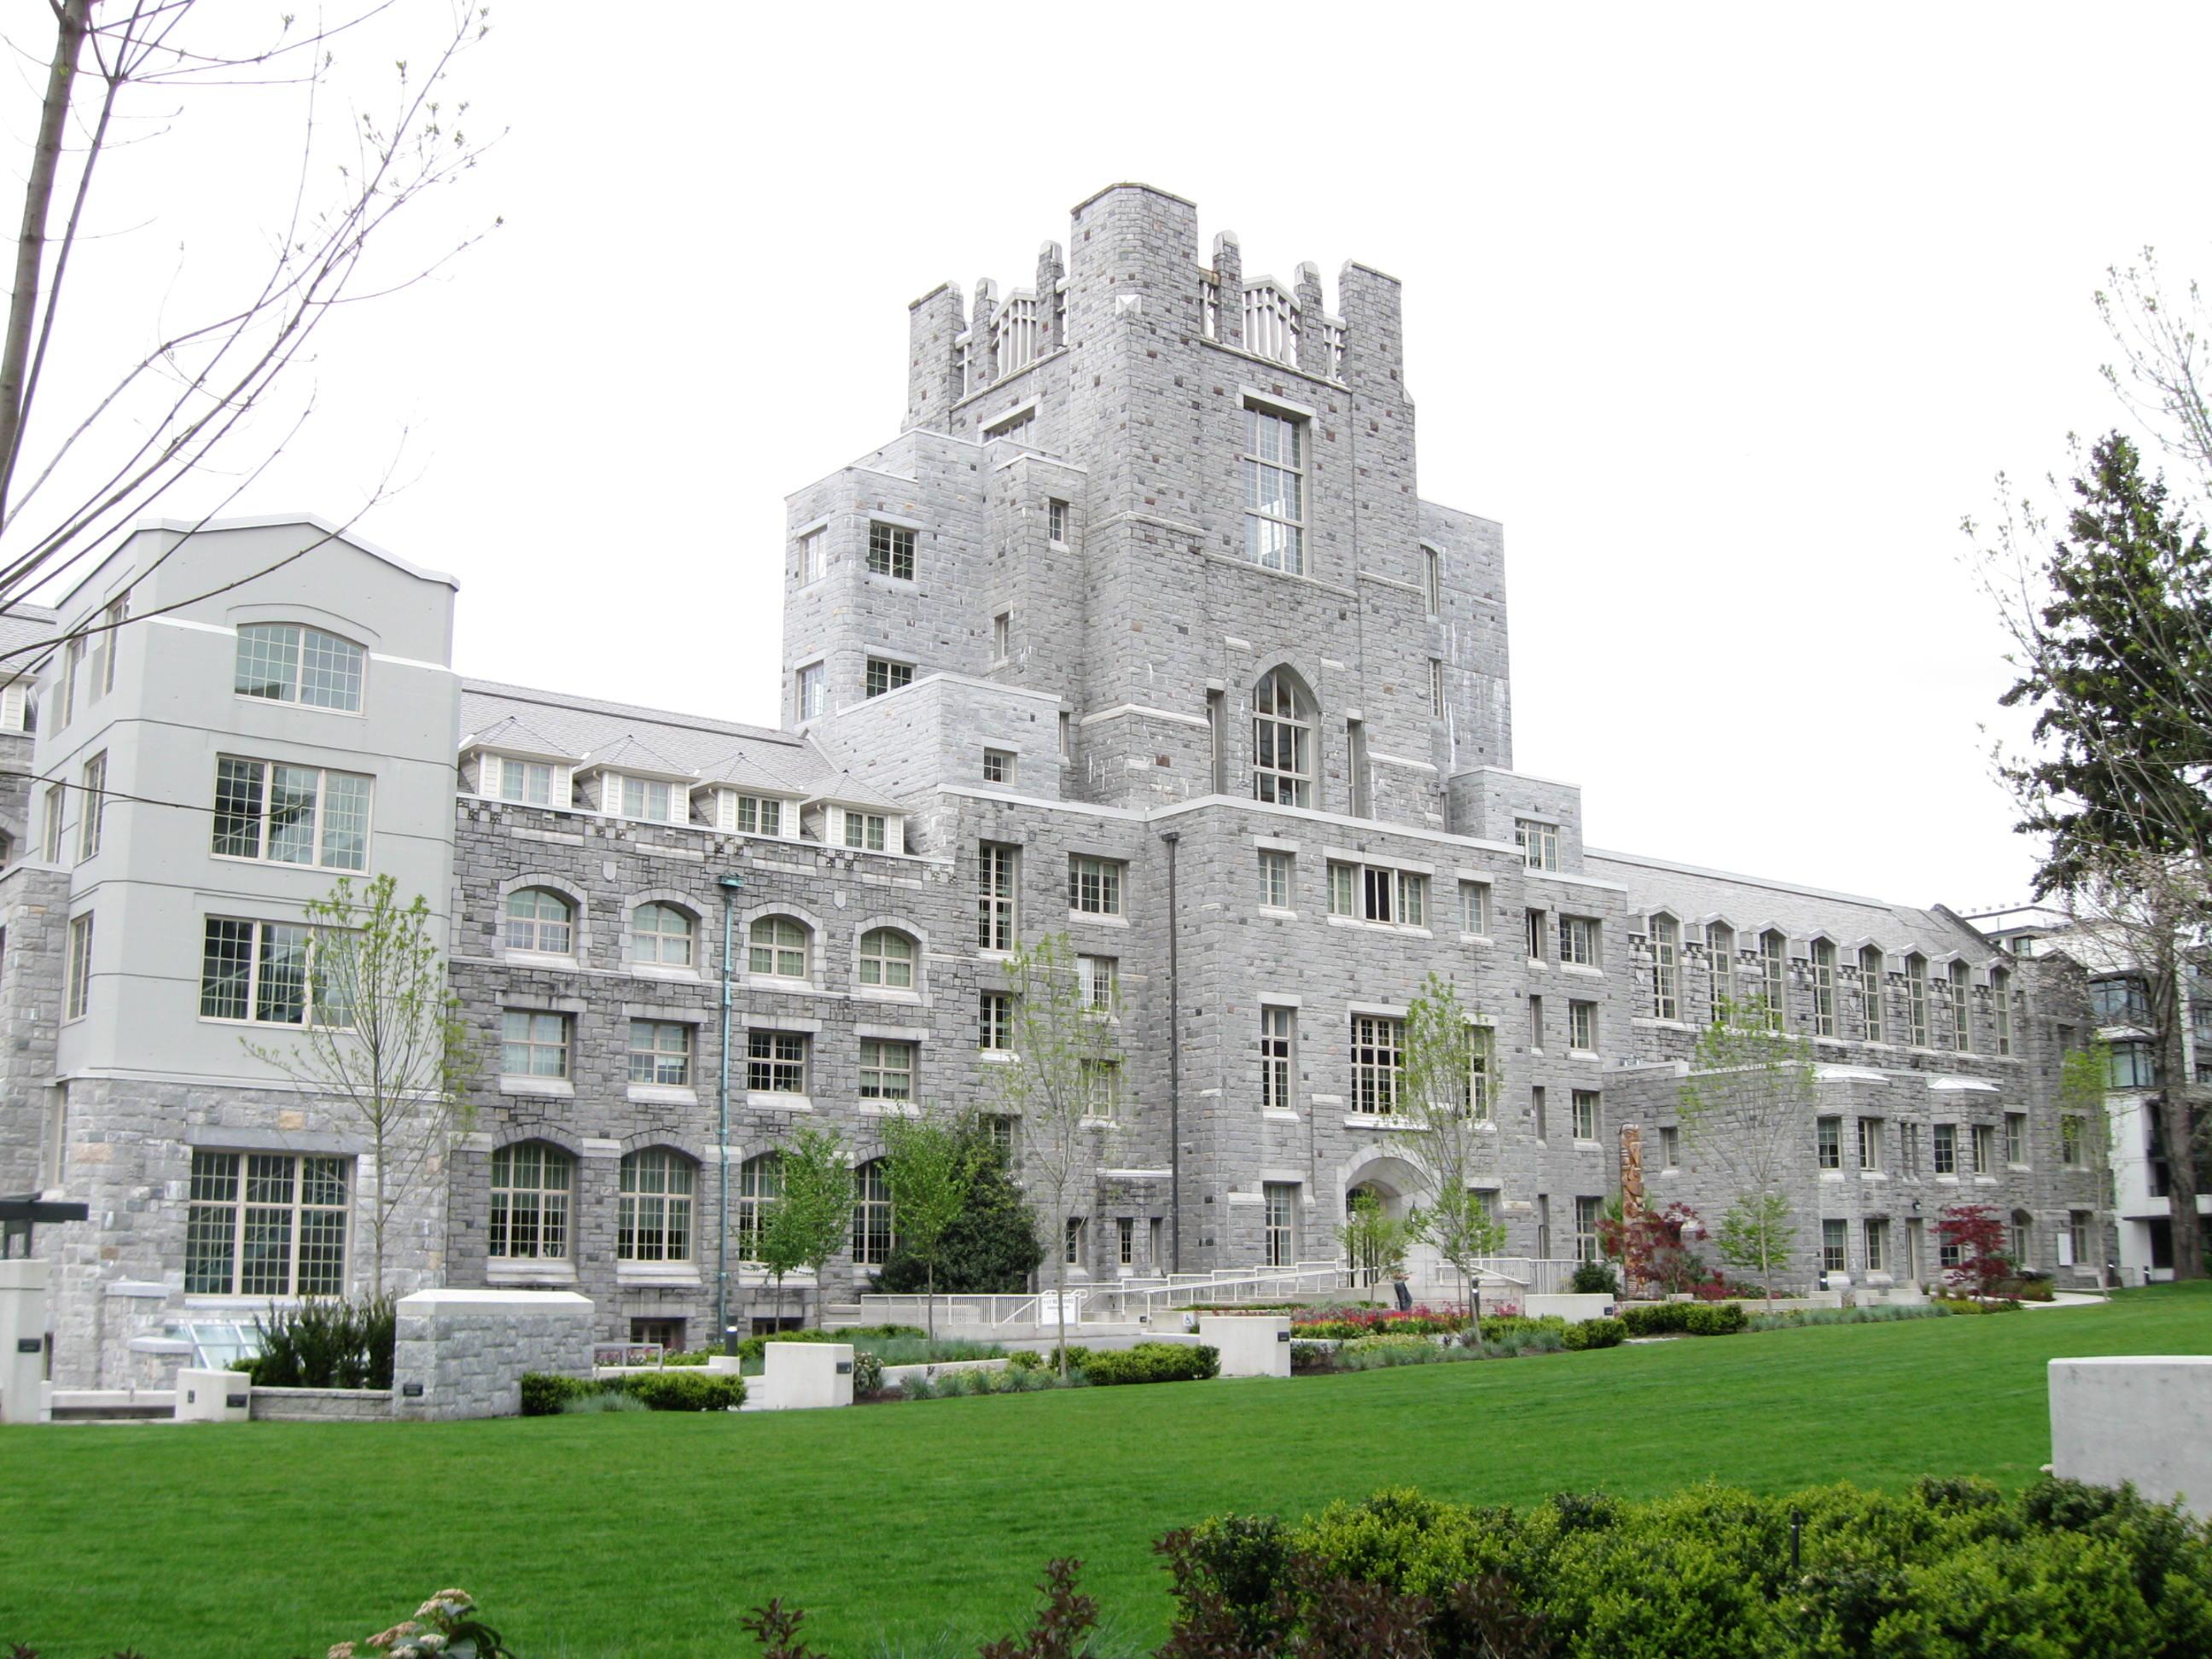 Britain college